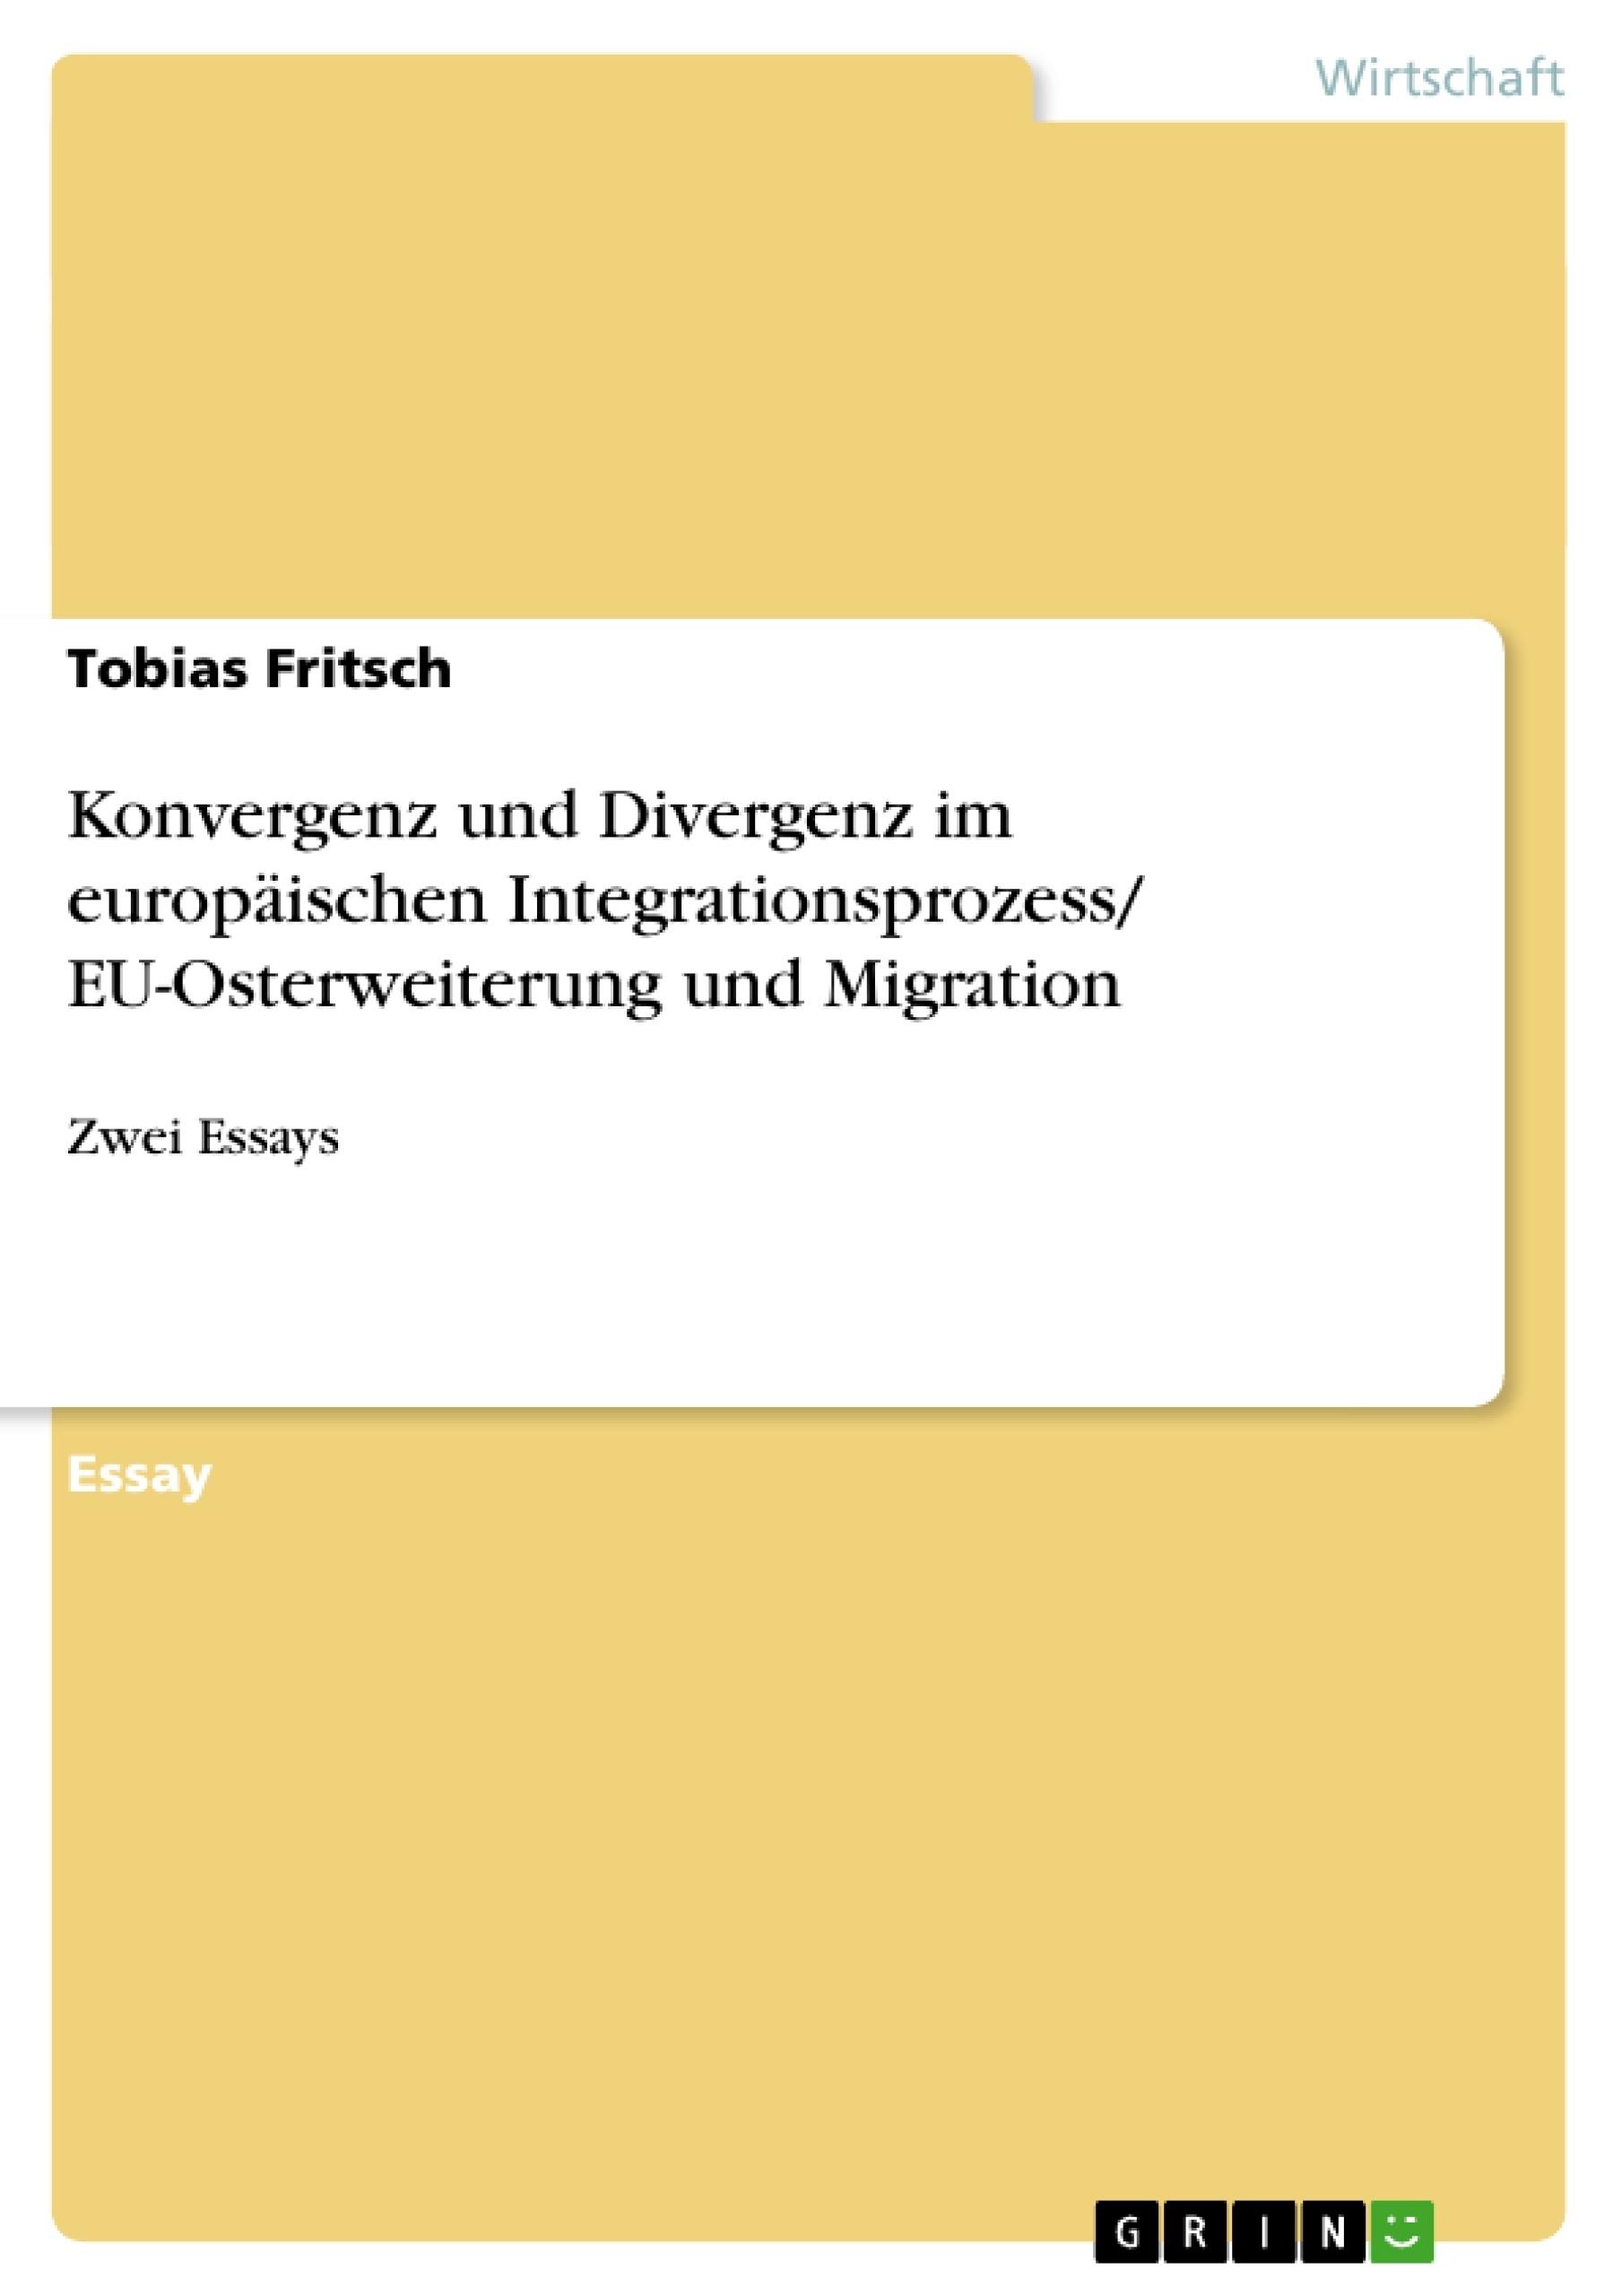 Titel: Konvergenz und Divergenz im europäischen Integrationsprozess/ EU-Osterweiterung und Migration